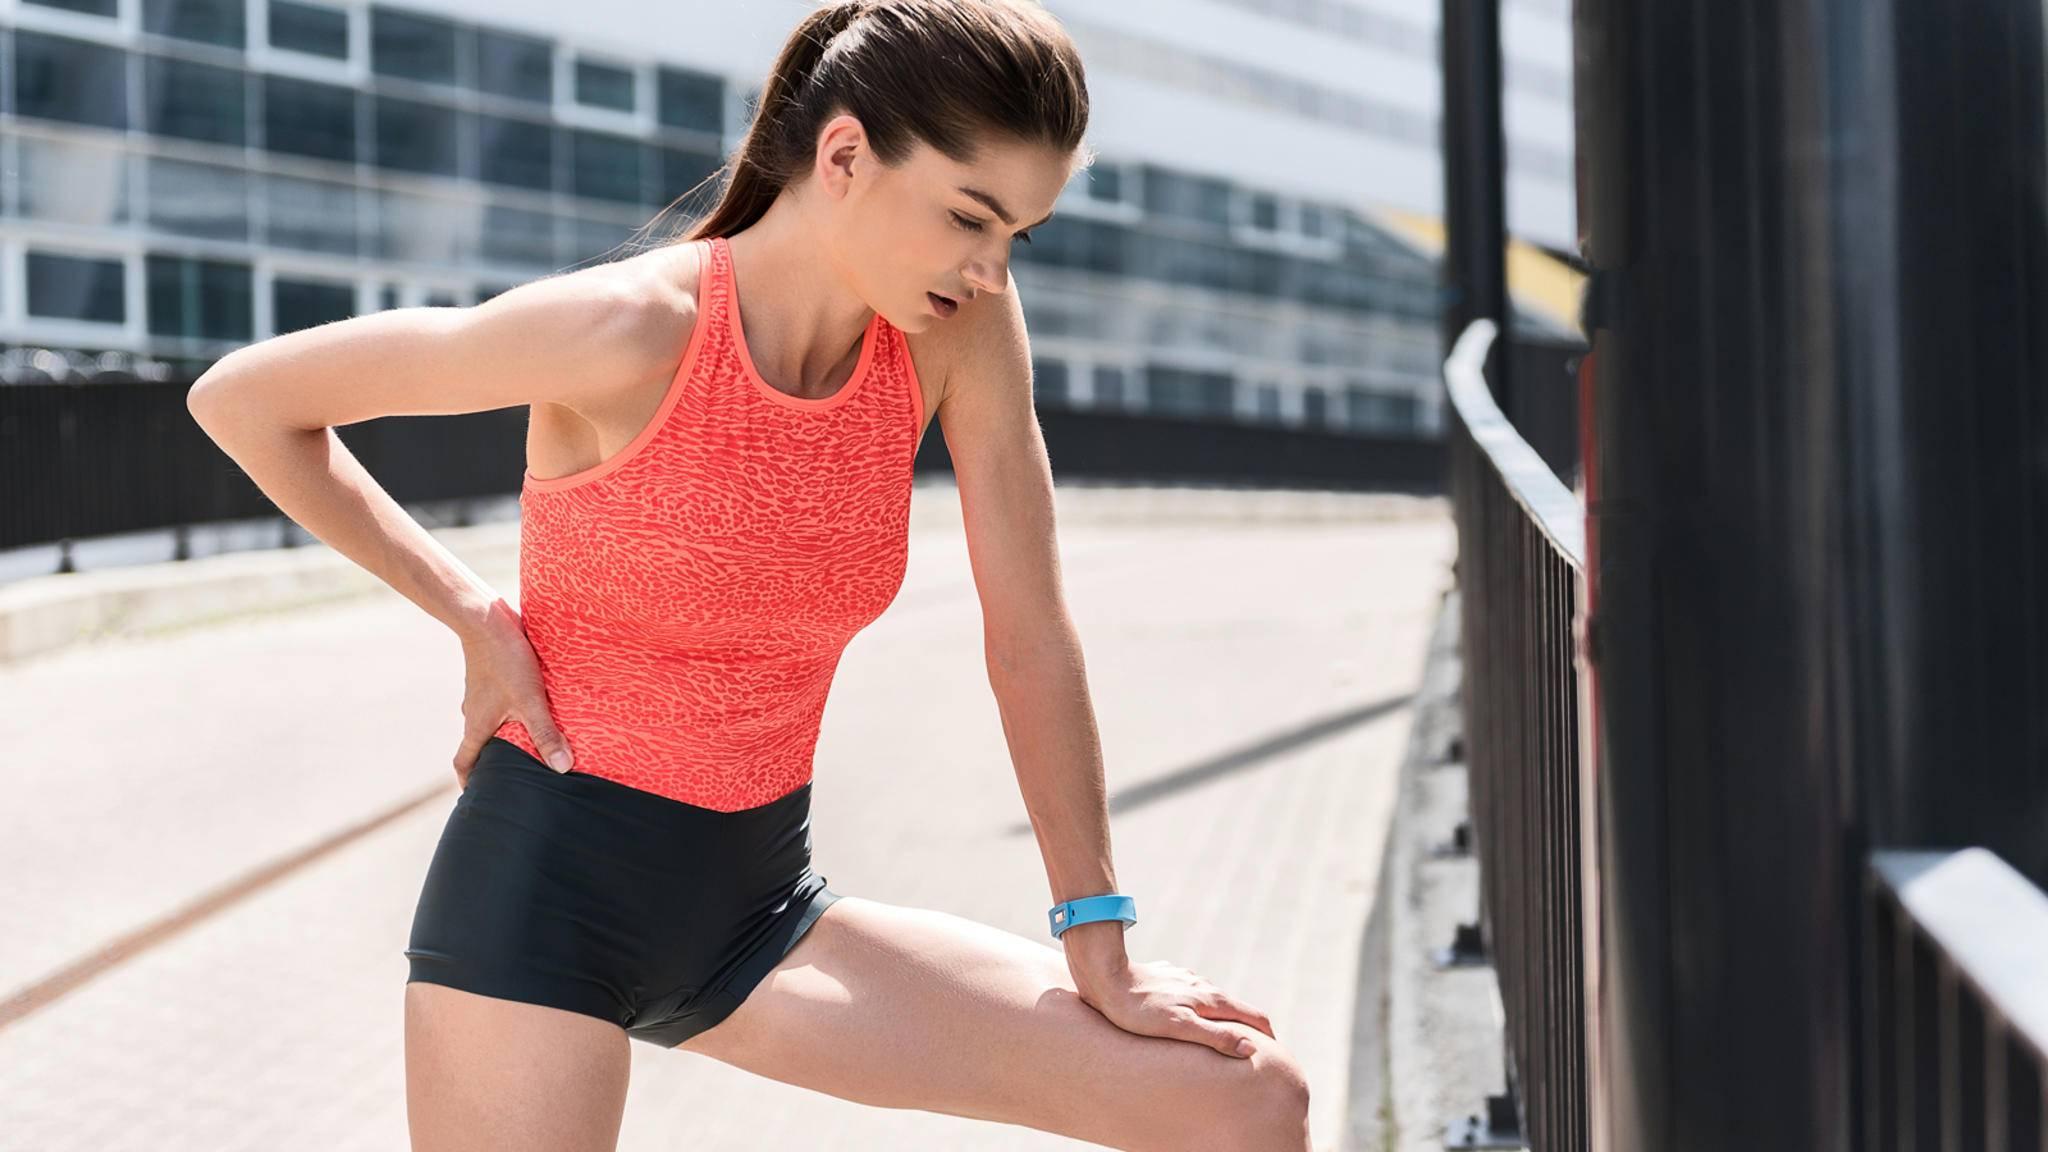 Zumindest auf Jugendliche scheinen Fitbit und Co. eher eine negative Wirkung zu haben.